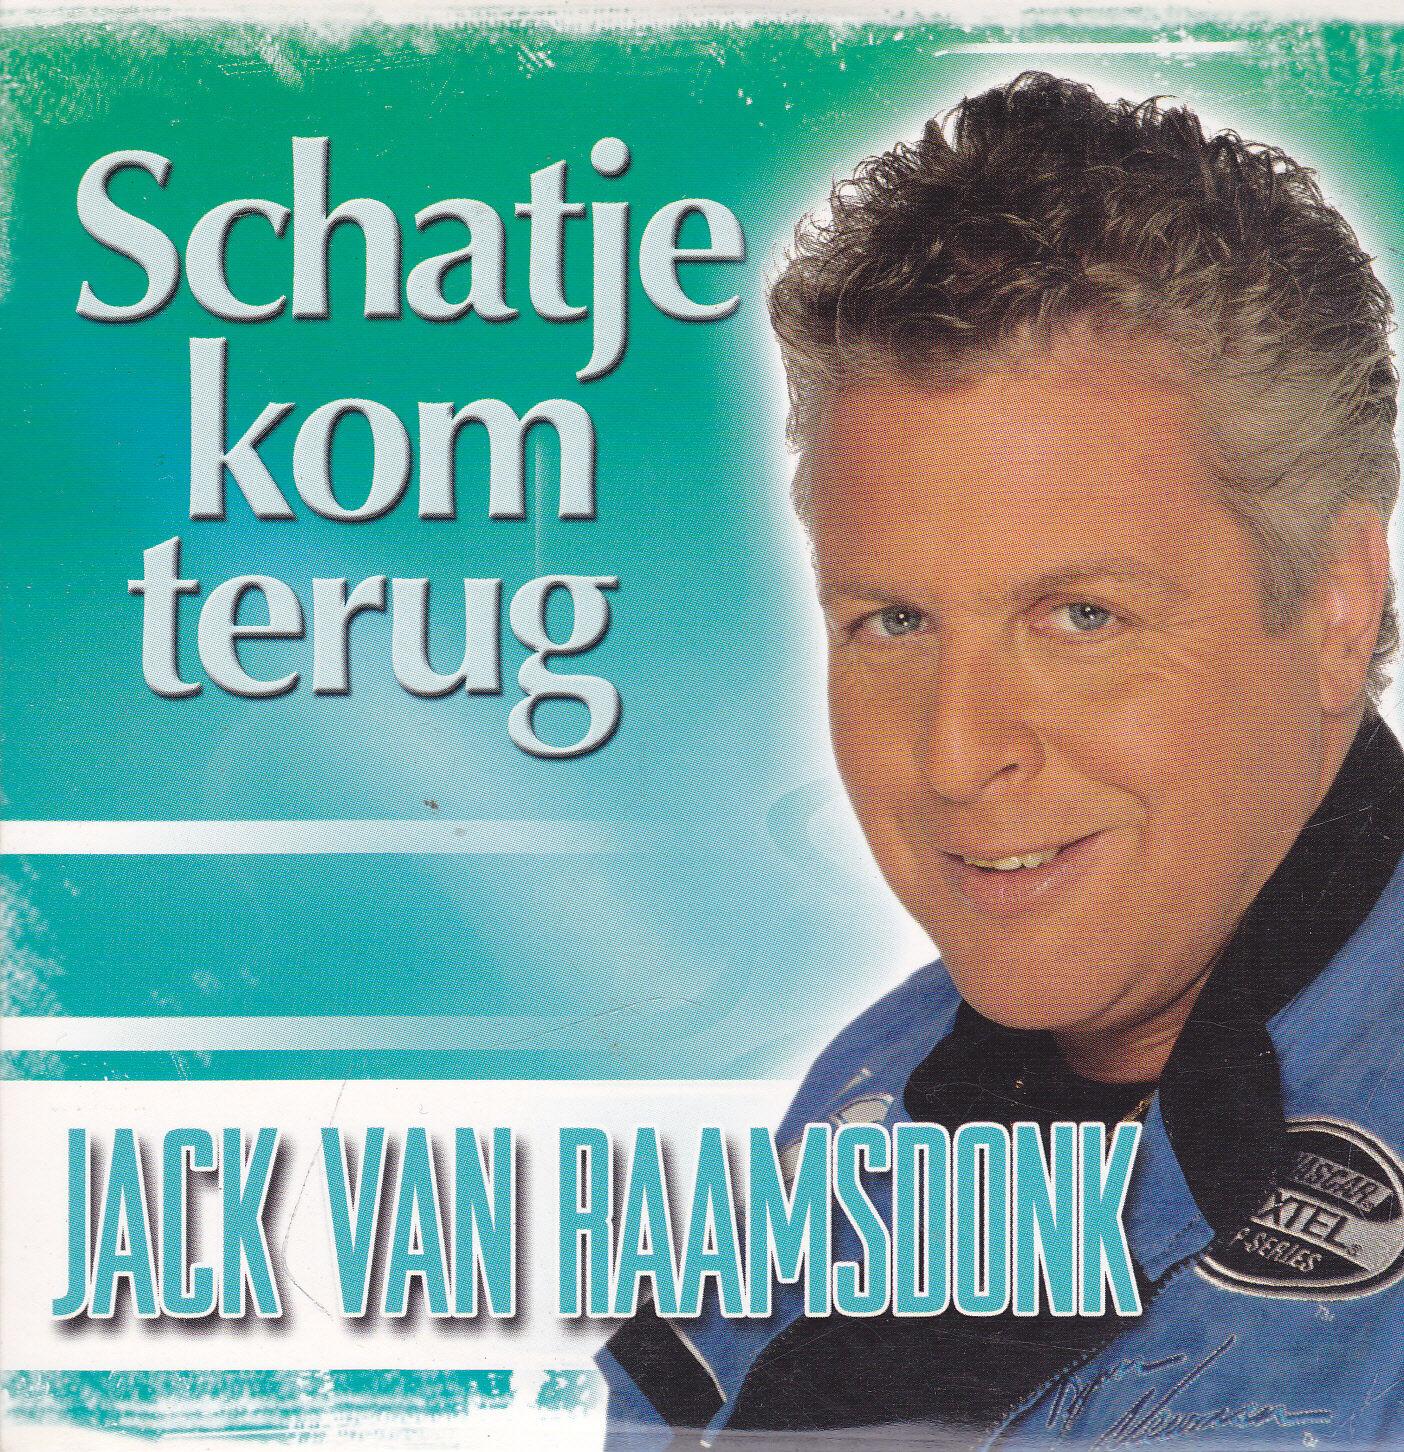 Jack Van Raamsdonk-Schatje Kom Terug cd single